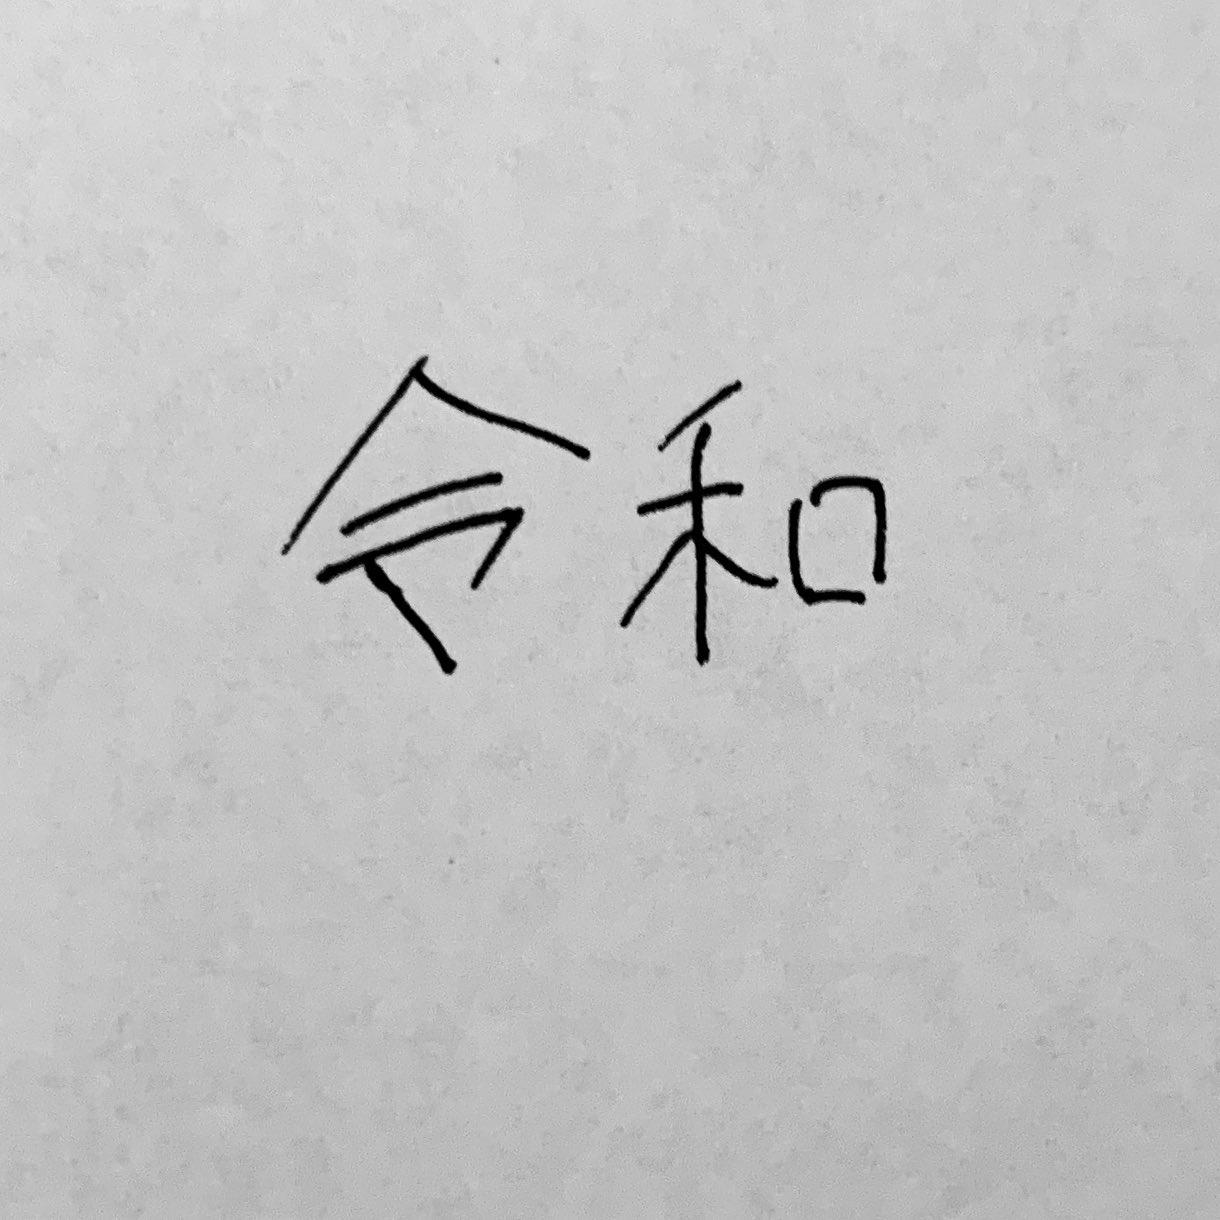 「あ、平成って書きそうになった……」を取り戻せる方法があった!!w